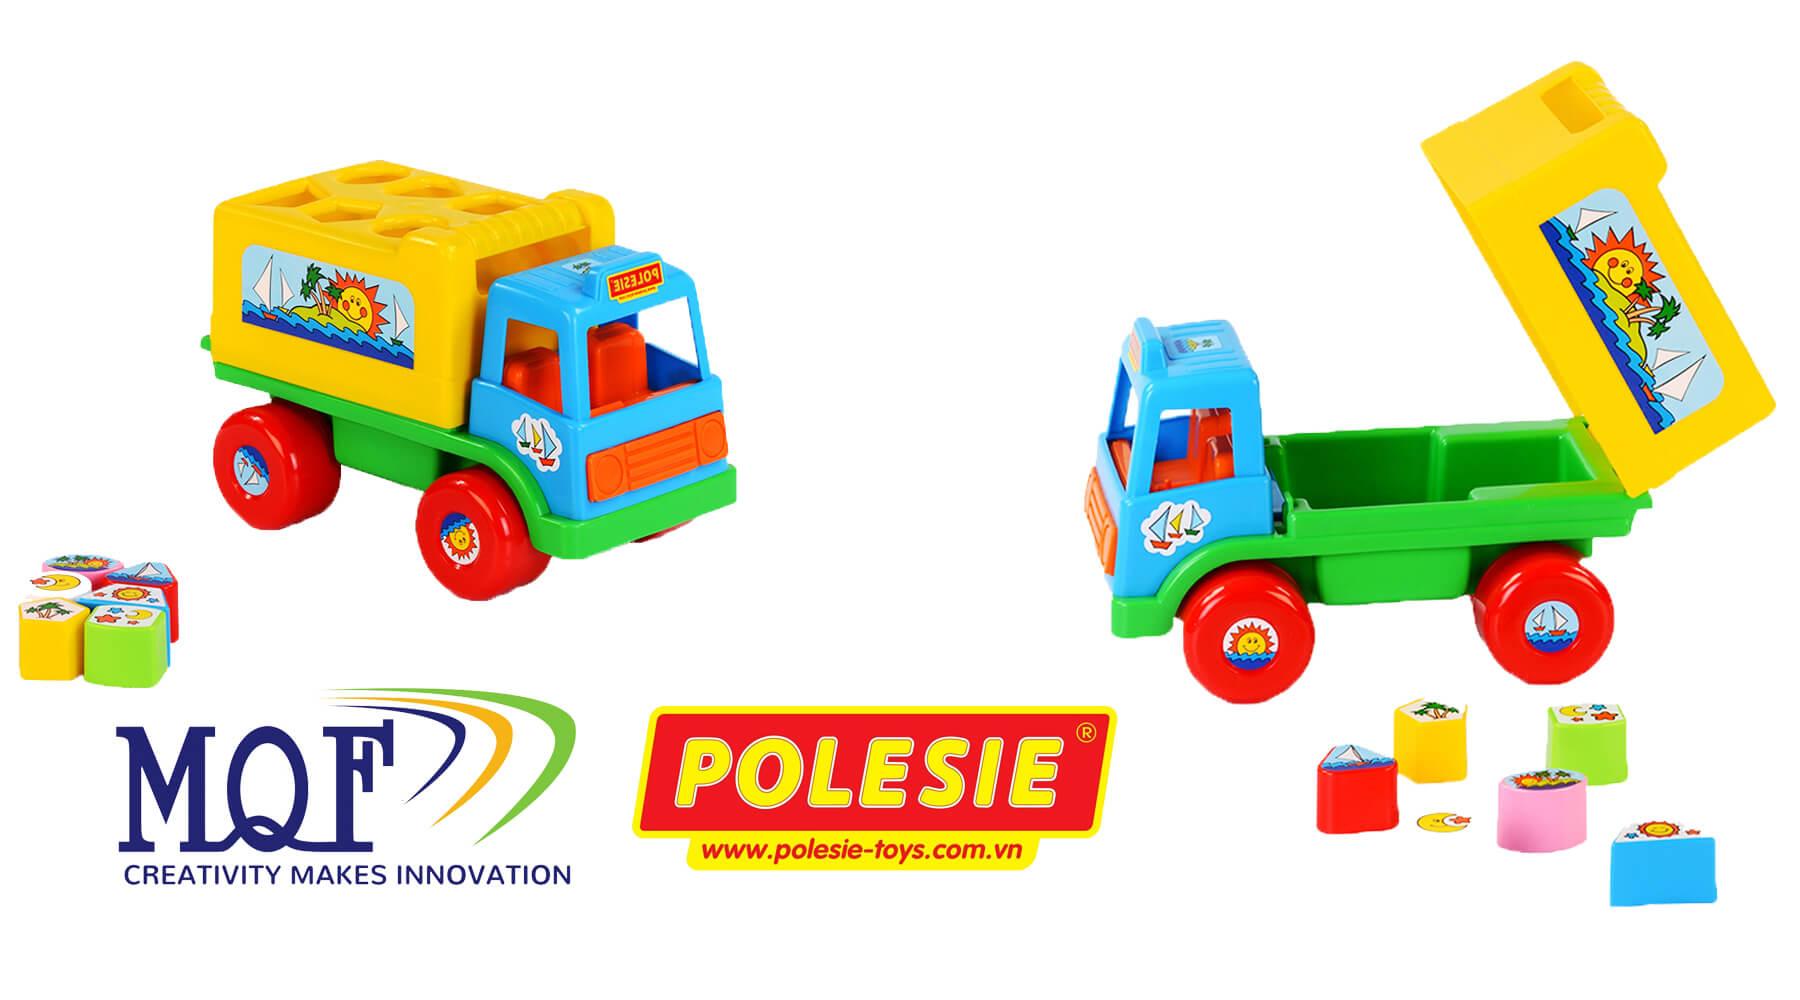 đồ chơi giáo dục xe thả hình island cavallino polesie toys